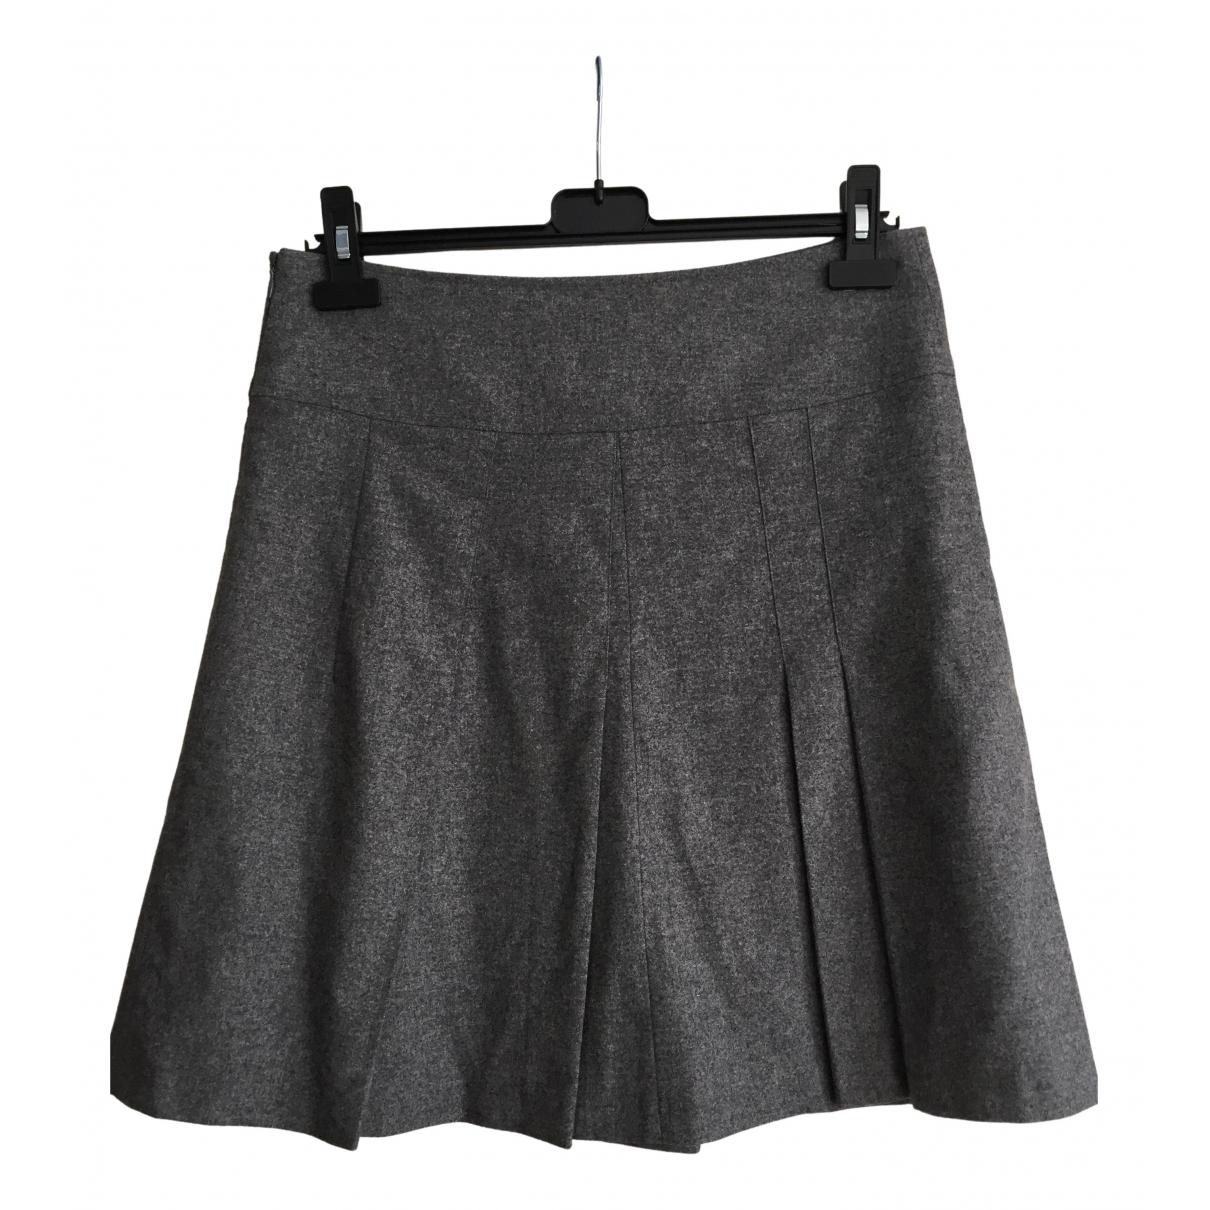 Burberry \N Grey Wool skirt for Women 8 UK